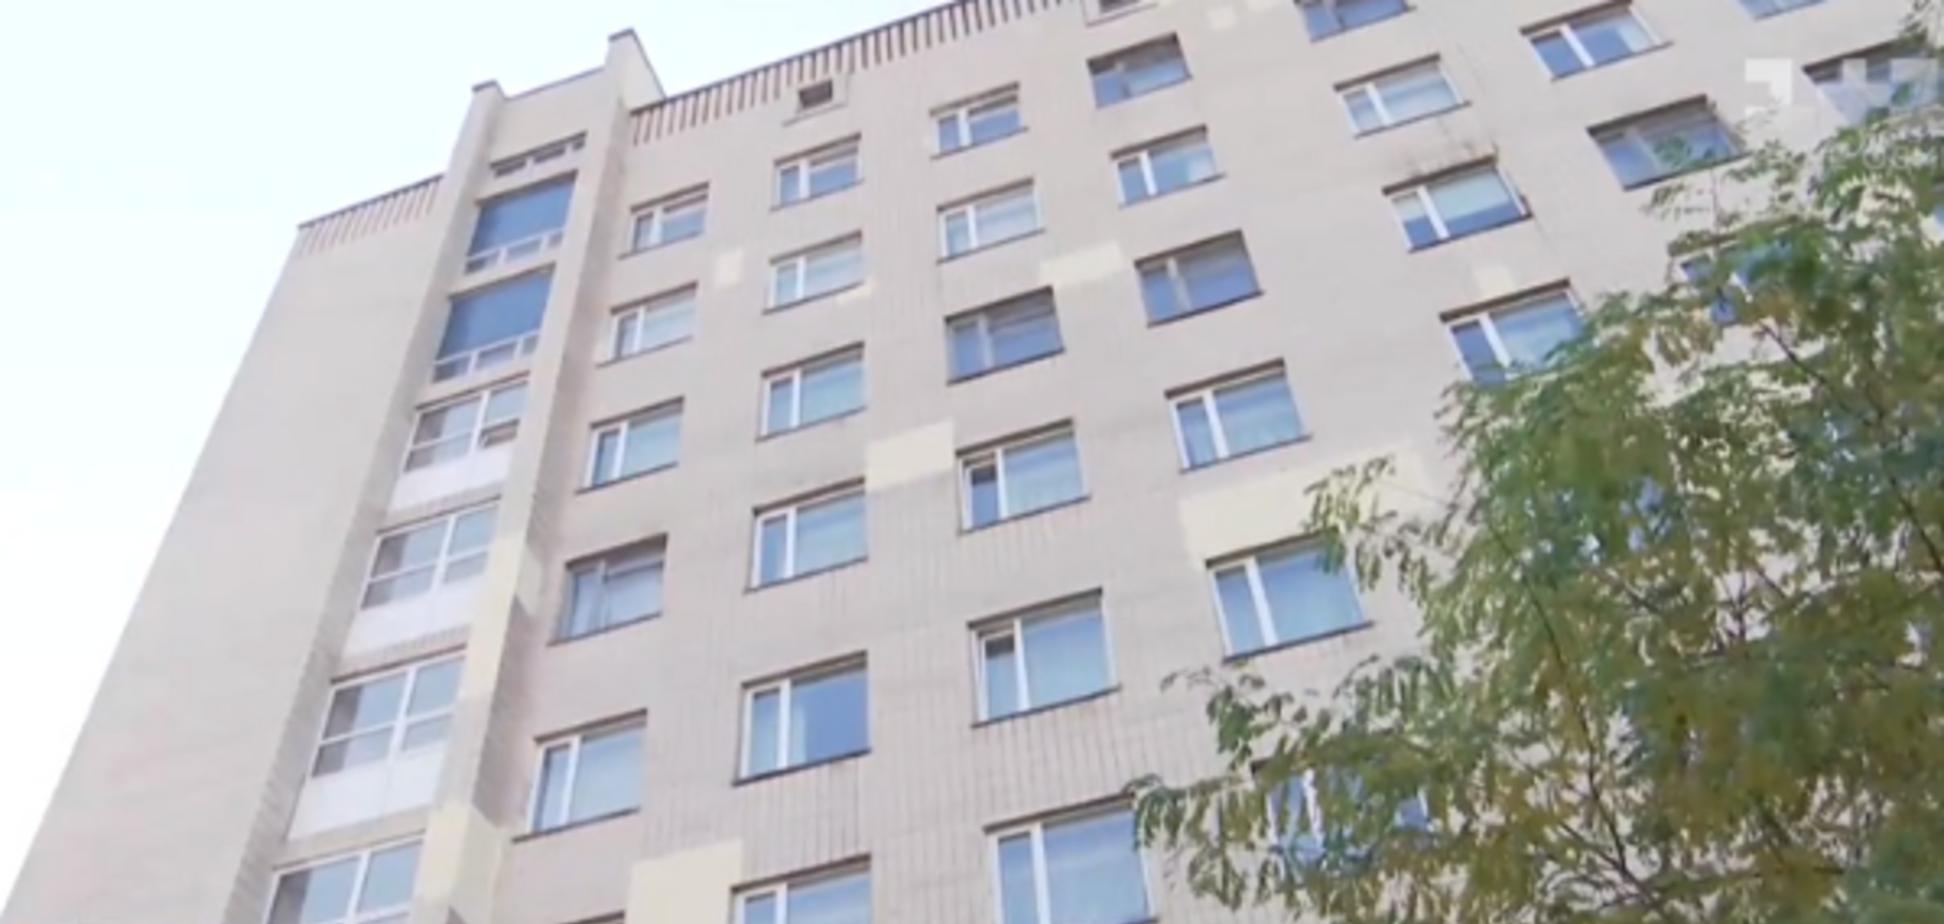 Мама двійні стрибнула з 7-го поверху пологового будинку: деталі шокуючої трагедії у Києві